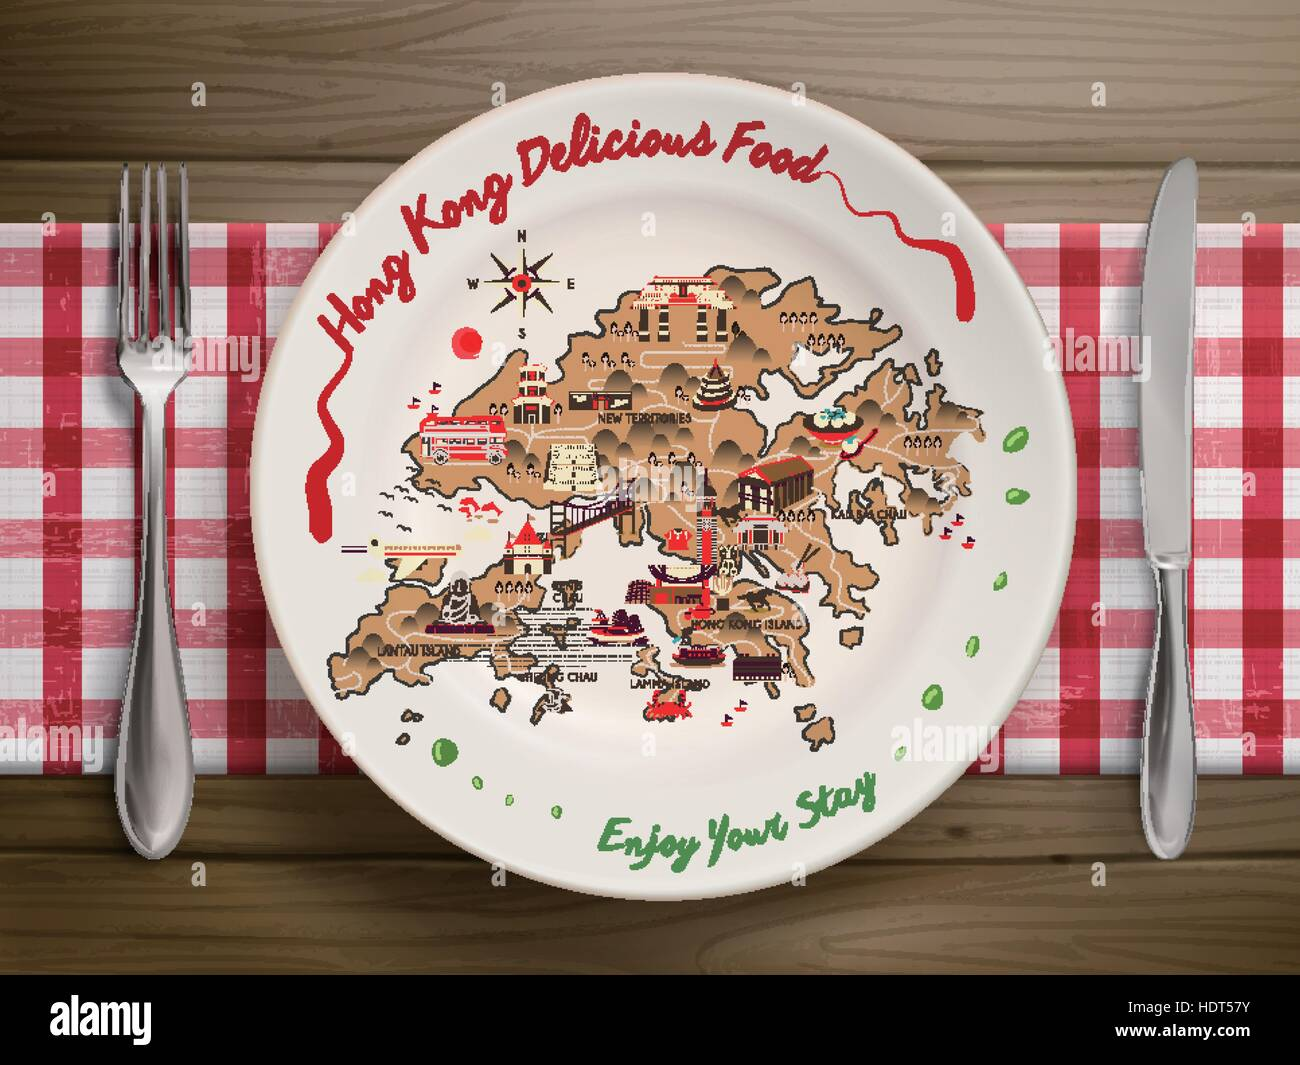 Poster design hong kong - Stock Vector Creative Hong Kong Travel Poster Design On Plate